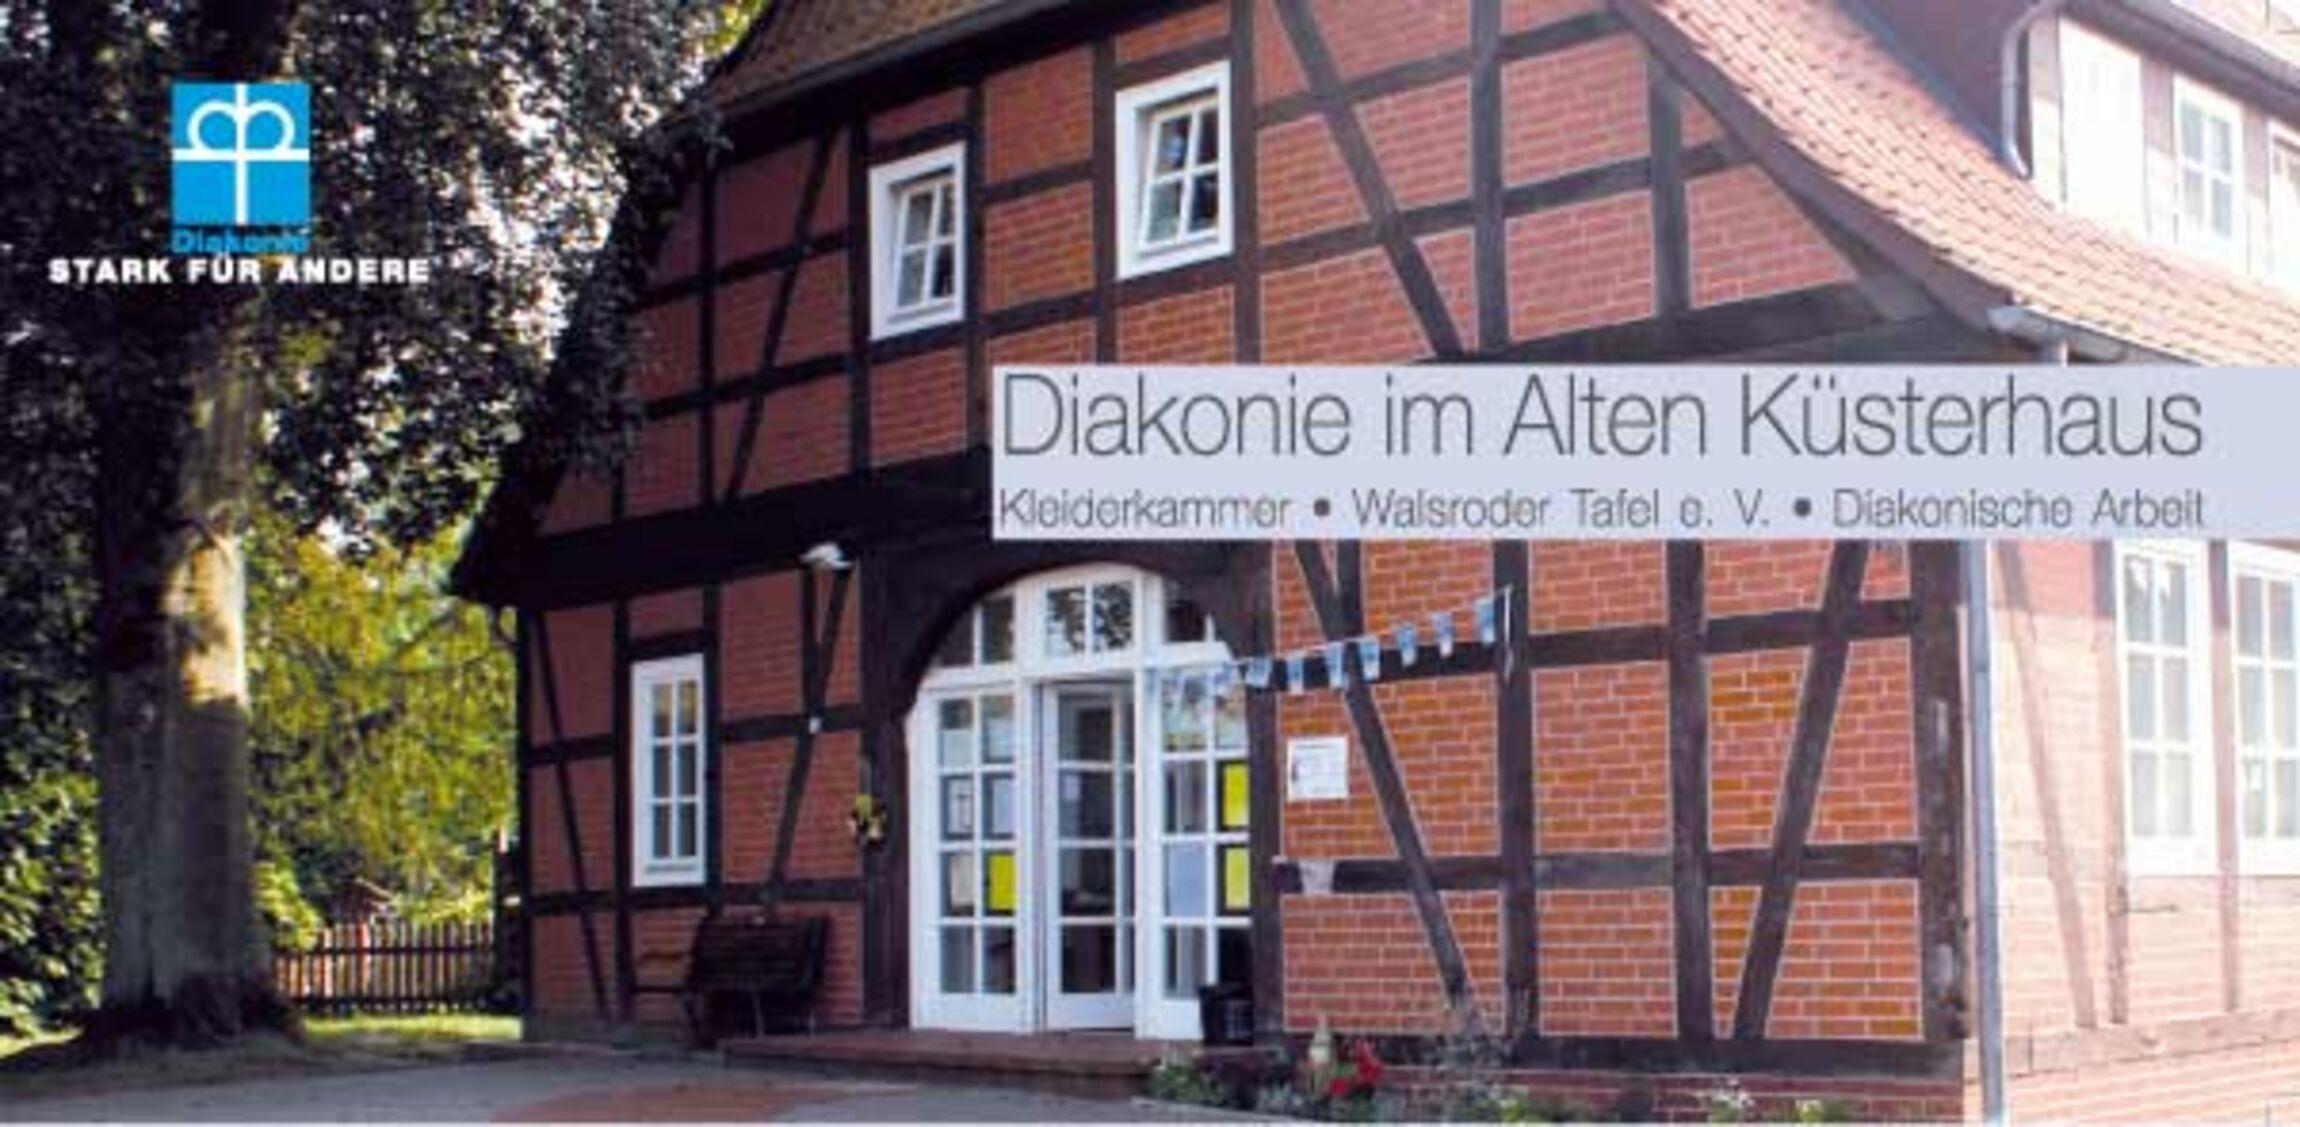 Diakonie im alten Küsterhaus